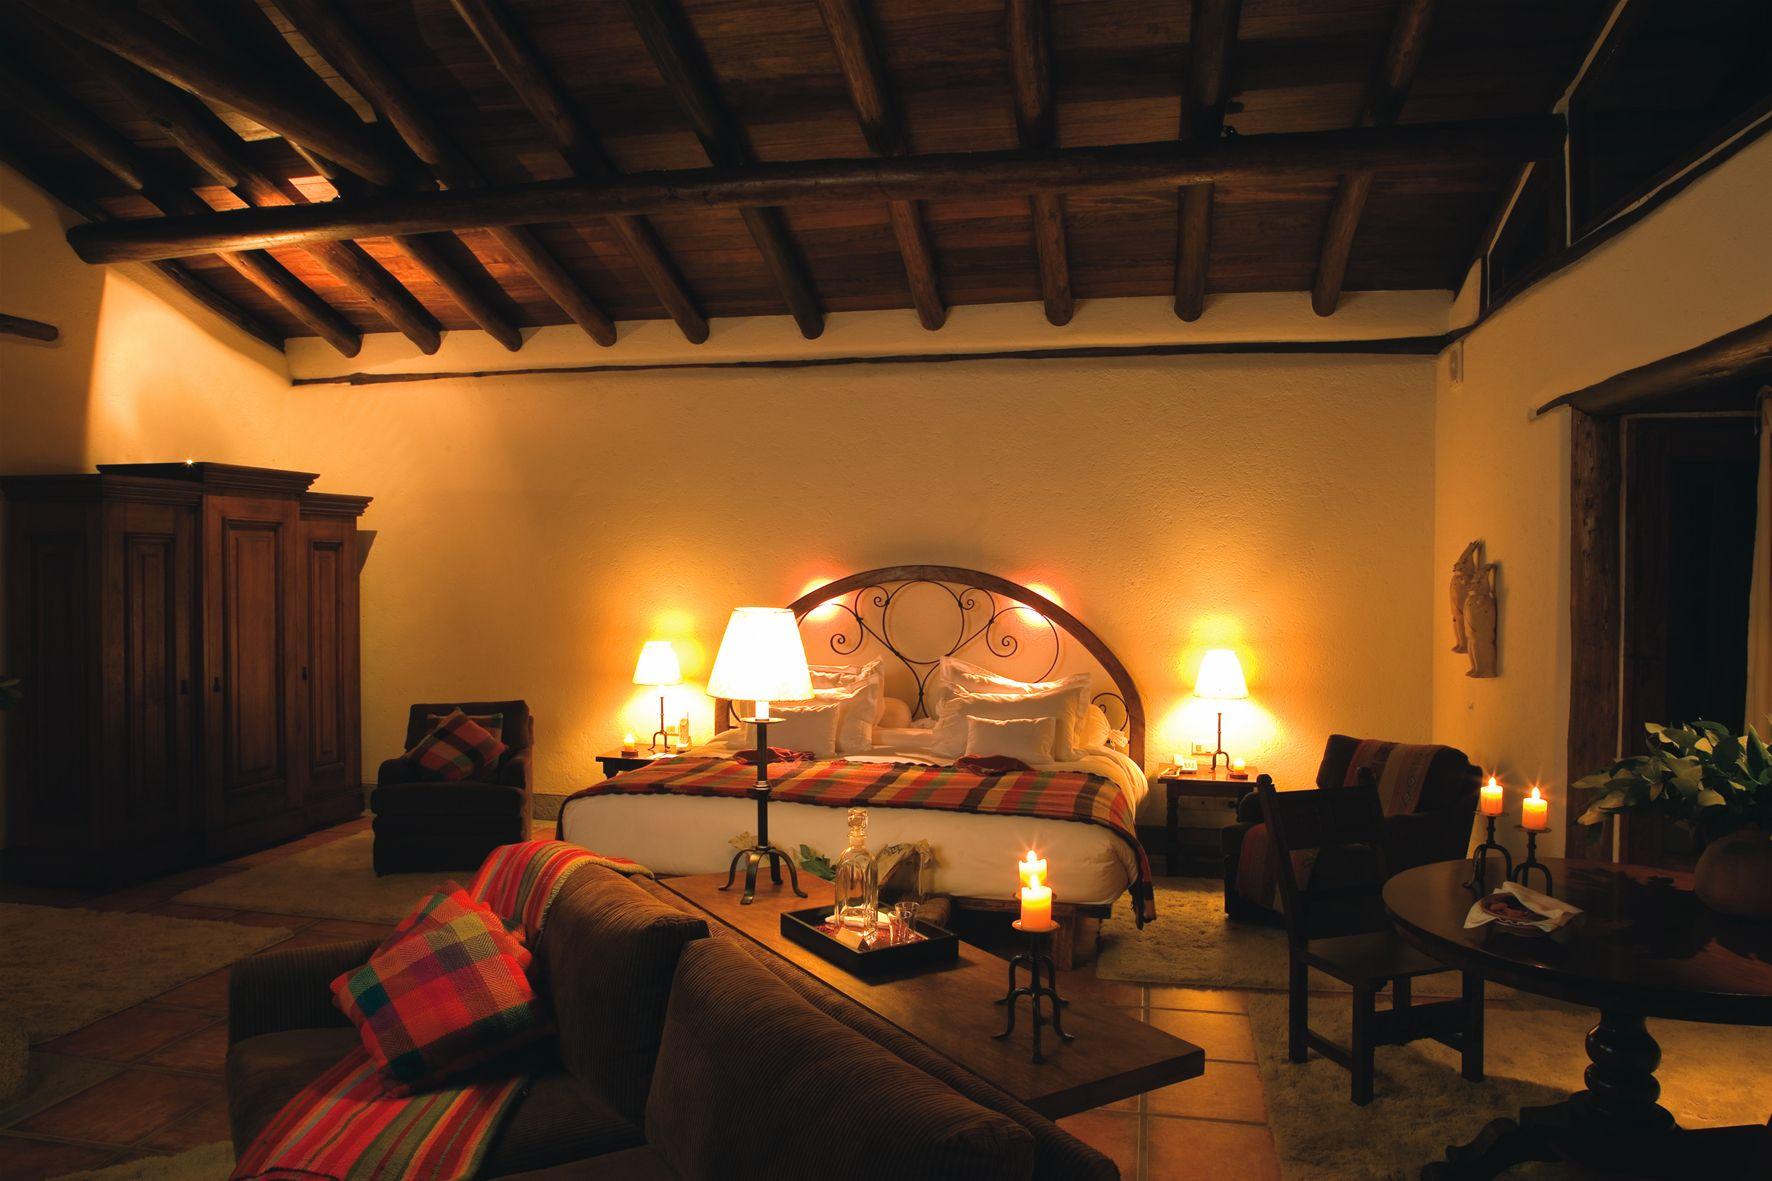 Inkaterra Machu Picchu Pueblo Hotel lo transportará fuera de este mundo. Encontrará un paraíso natural donde podrá conectarse con la sagrada energía de las montañas, dentro del Bosque de Nubes de Machu Picchu. Un acogedor pueblo andino de blancas y elegantes casitas que descansan en las terrazas de las colinas, le ofrece servicios de Spa, utilizando sublimes esencias naturales, y un restaurante de primera clase, con impresionantes vistas del río Vilcanota.